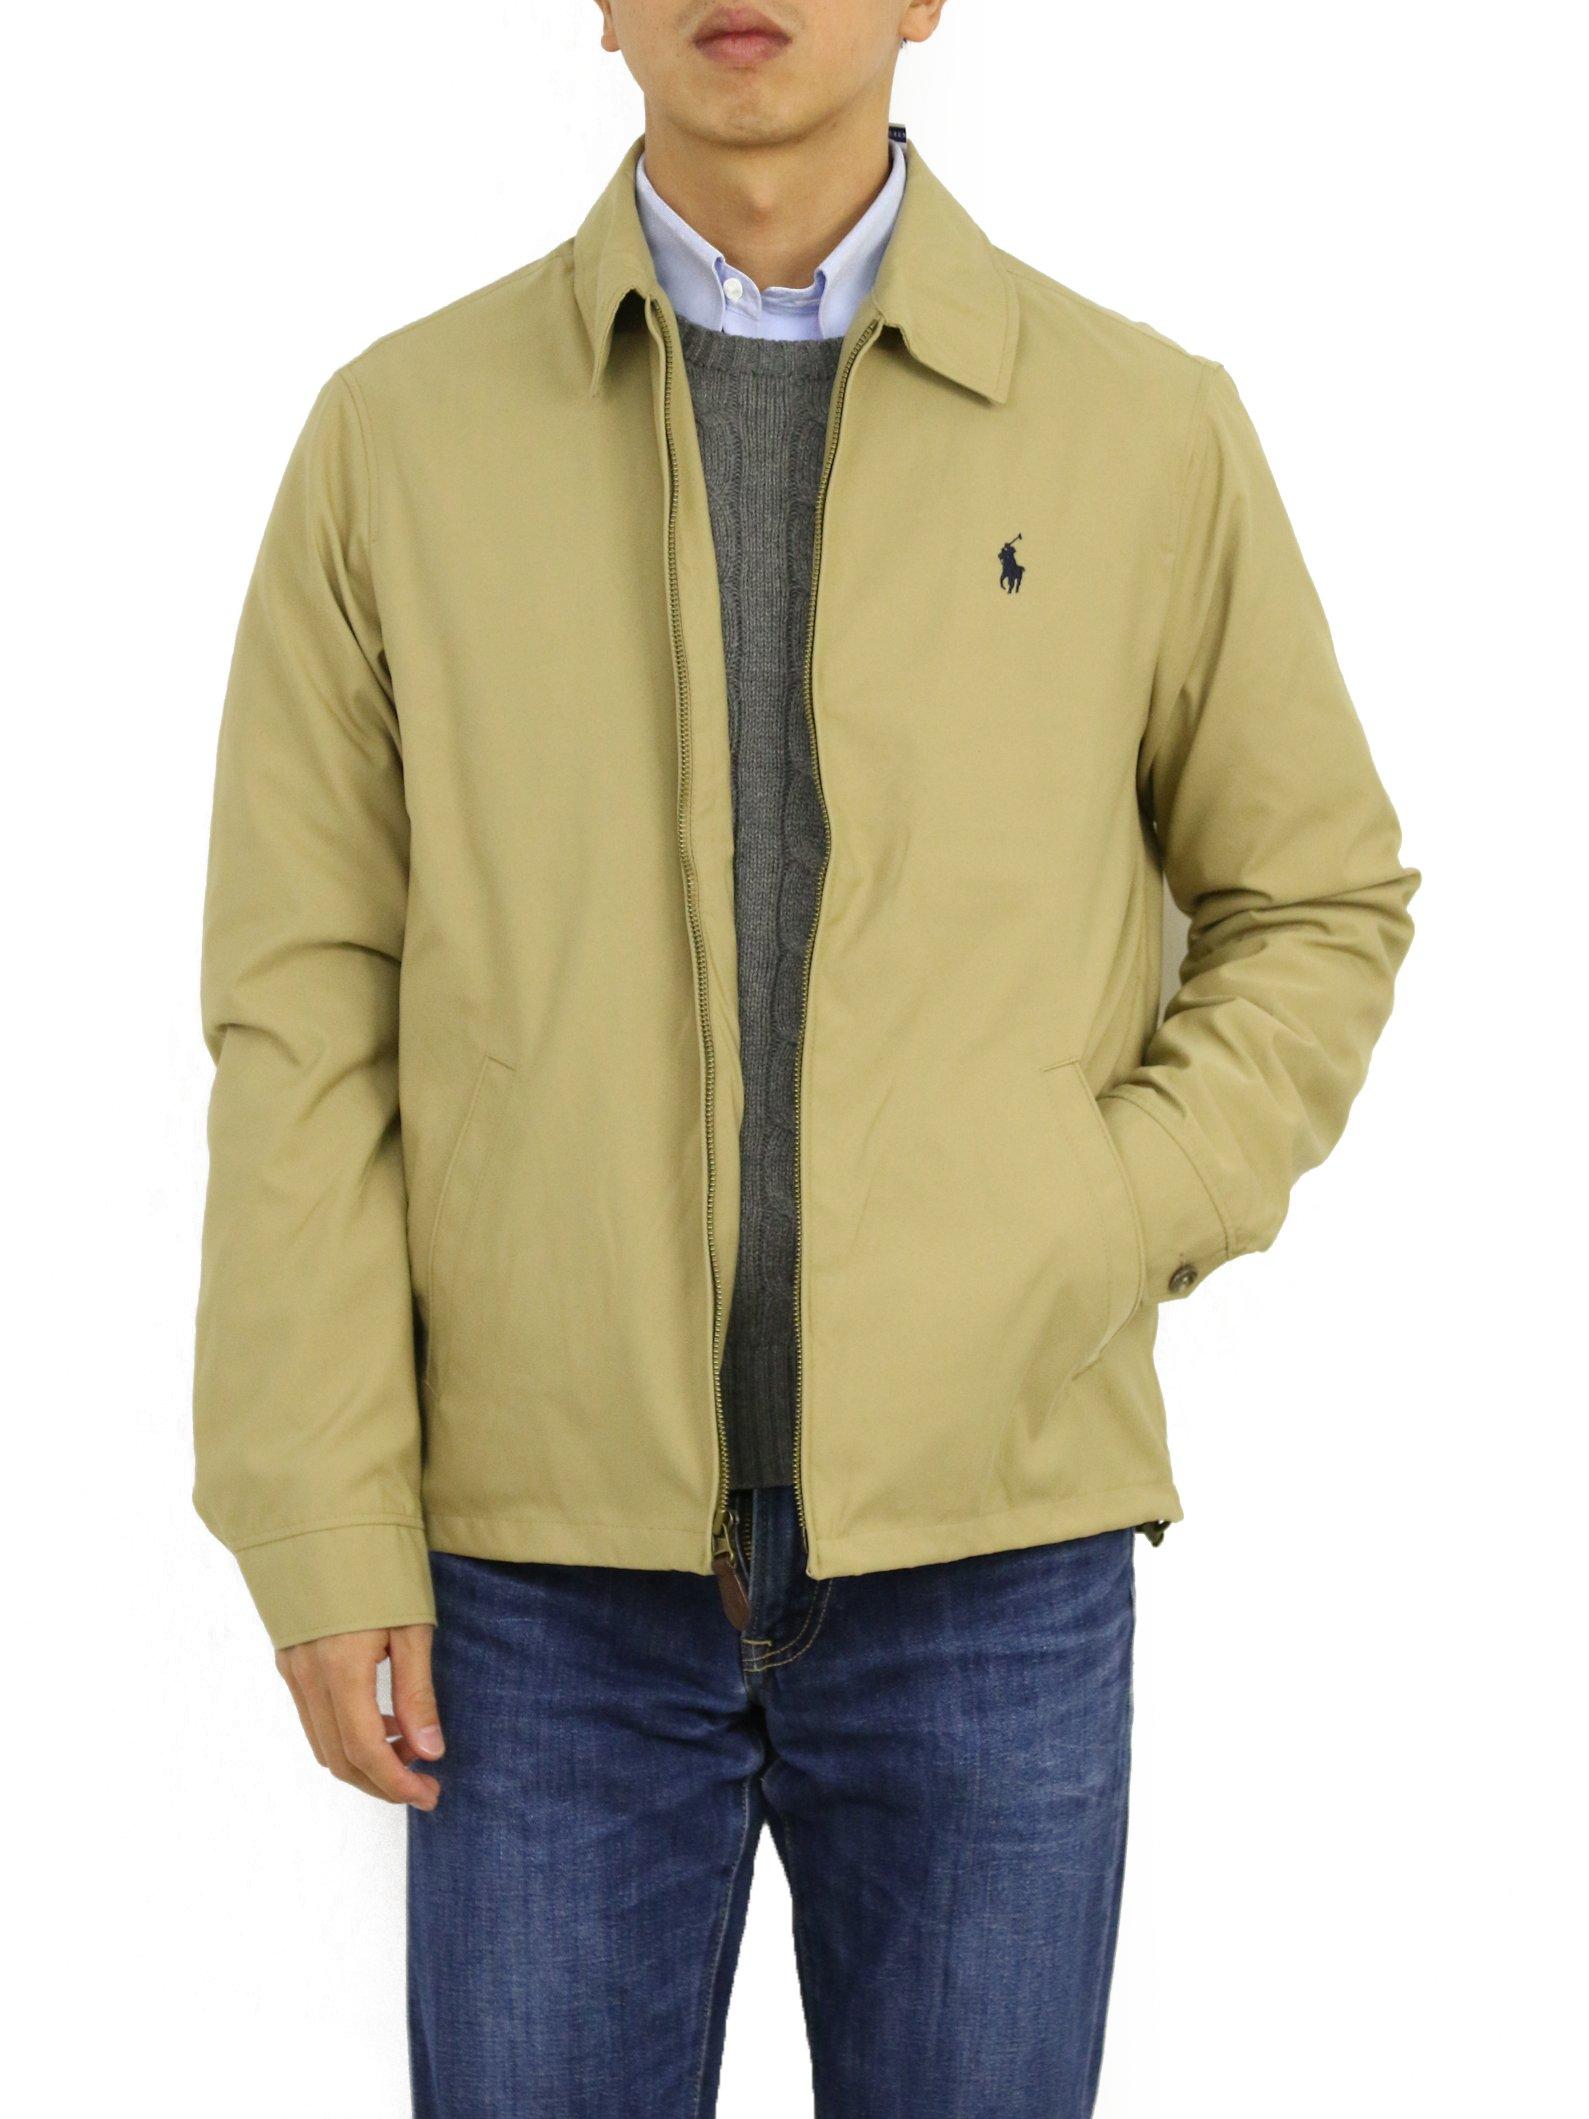 0887f8b10d16b1 Galleon - Polo Ralph Lauren Mens Bi-Swing Windbreaker Jacket (Tan, X-Large)